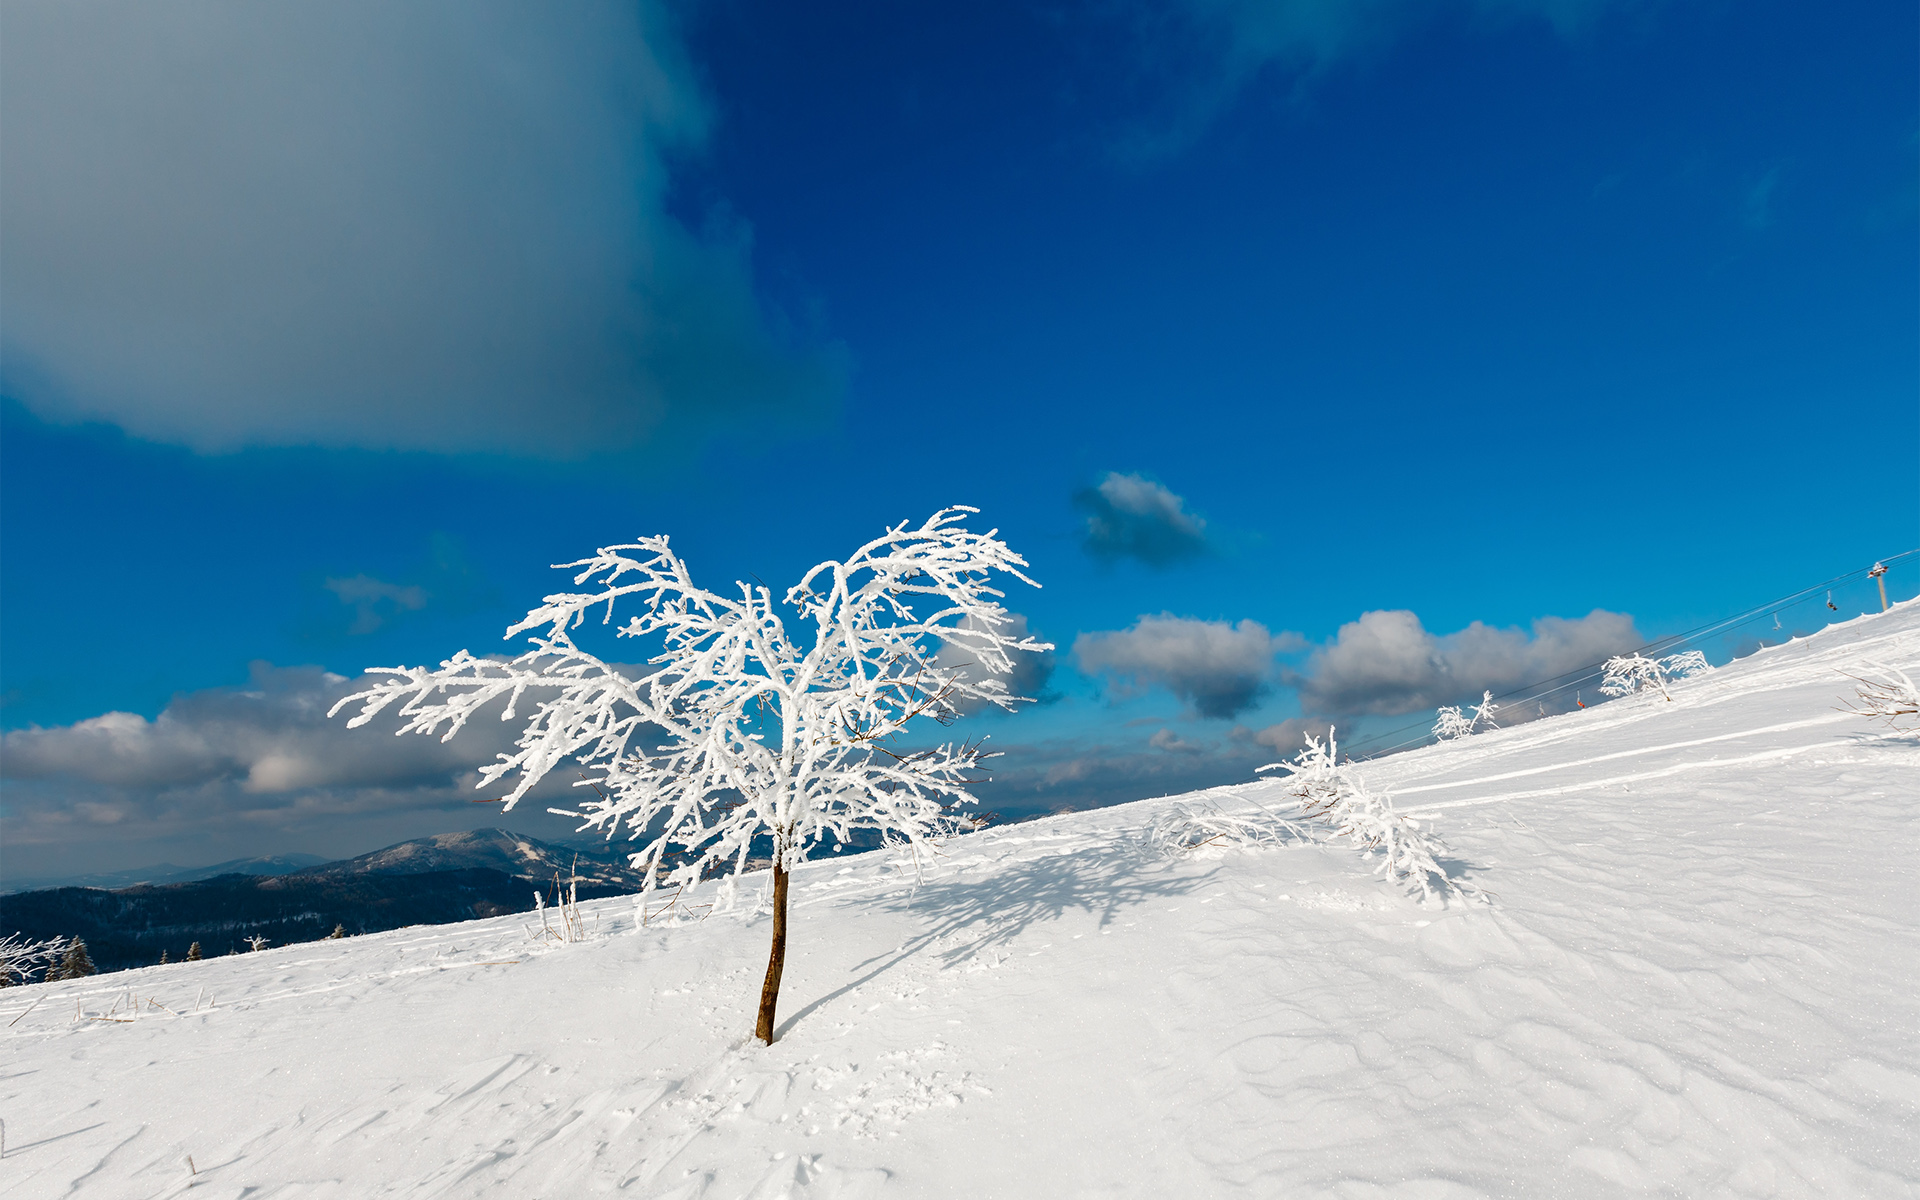 arbre-givre-neige-et-montagne